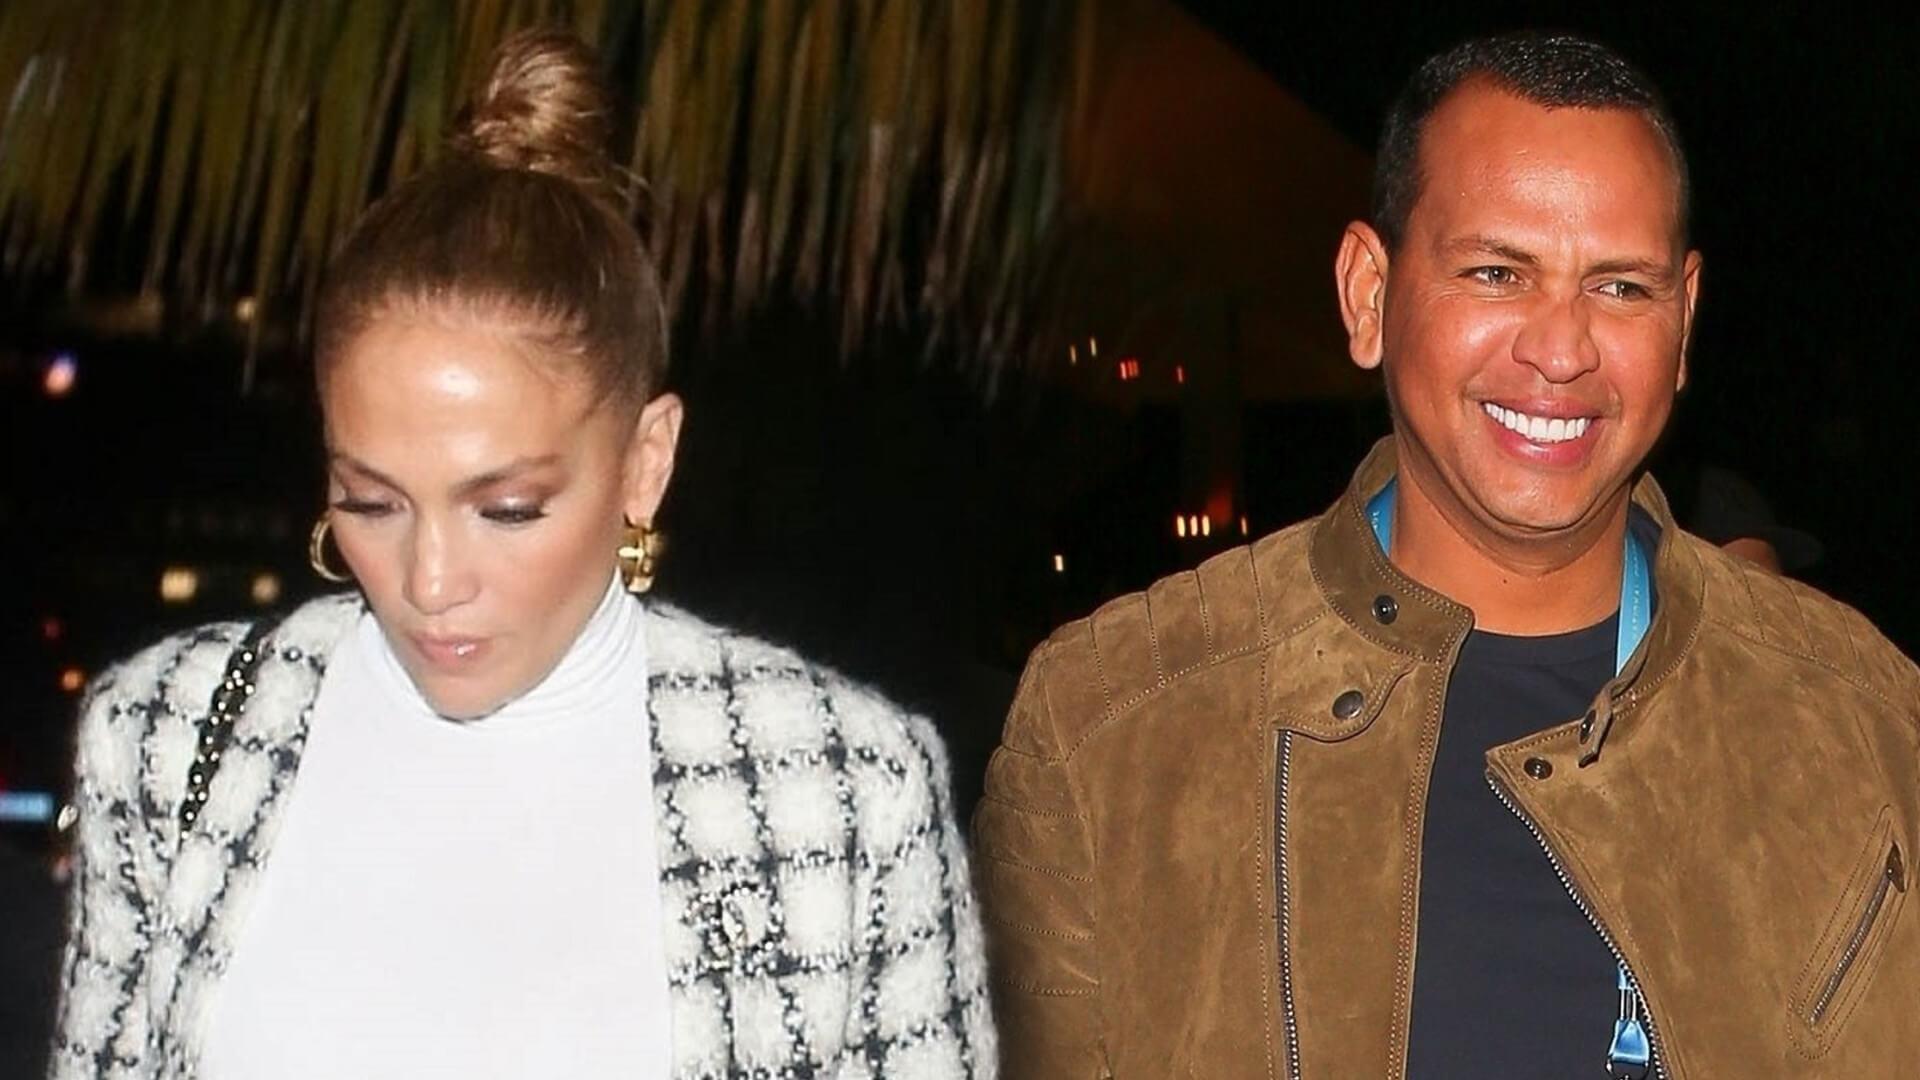 Nawet podczas epidemii koronawirusa Jennifer Lopez jak zwykle wygląda perfekcyjnie